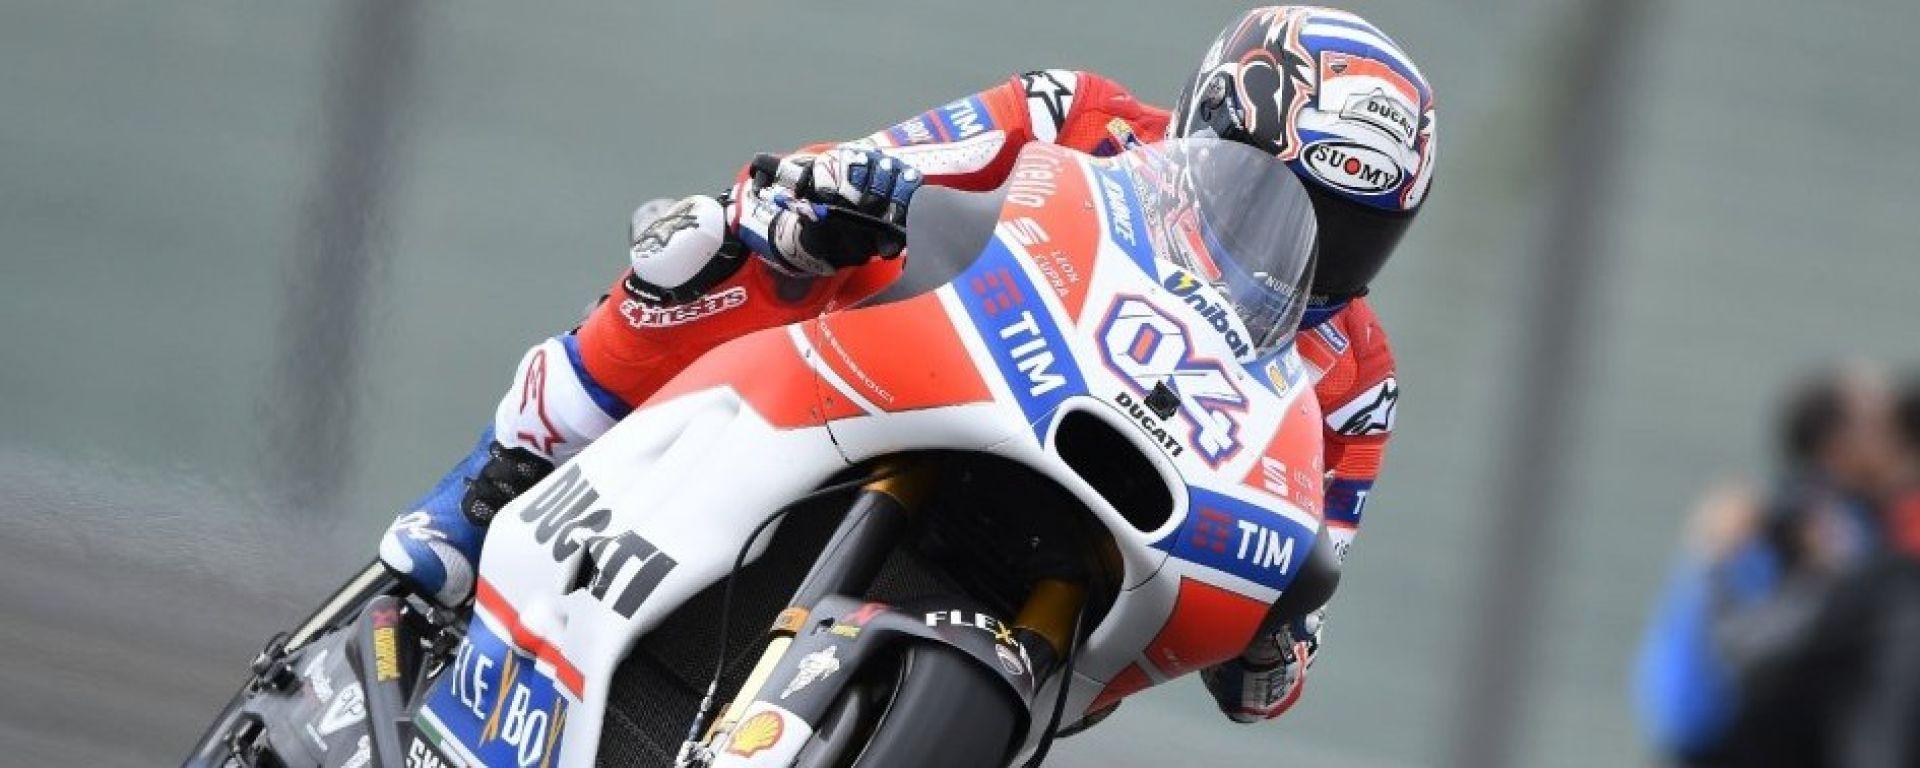 MotoGP Brno 2017, Andrea Dovizioso